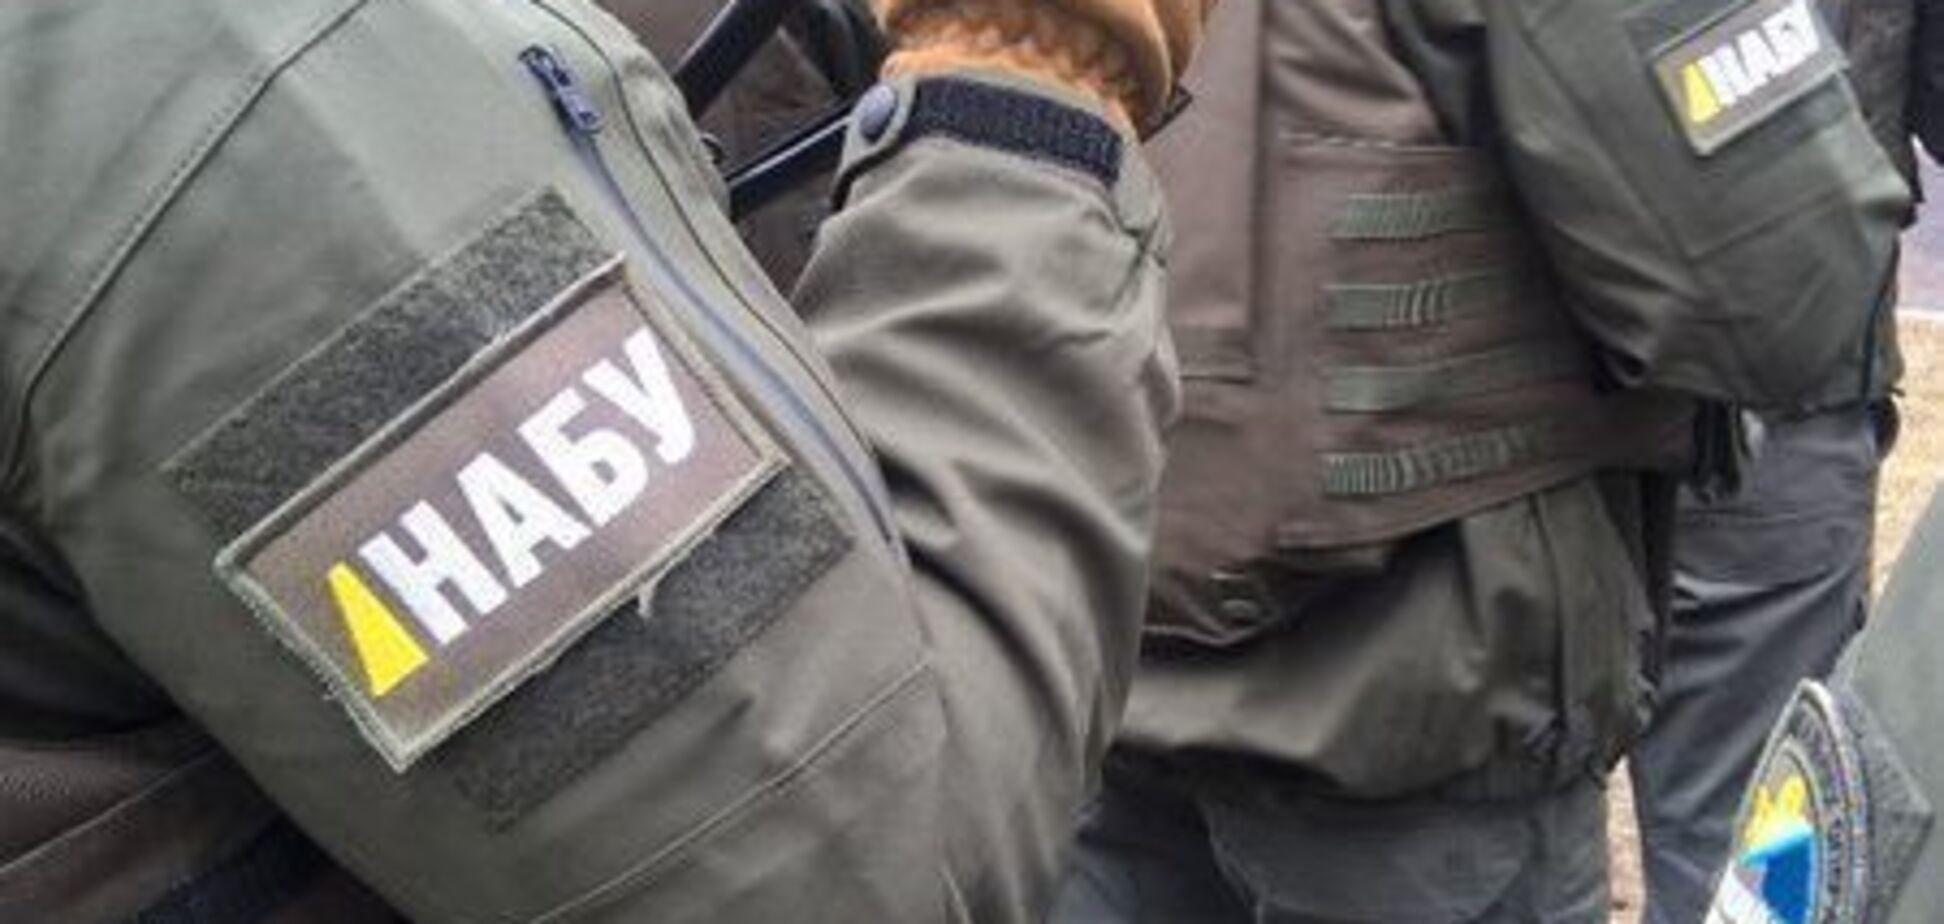 НАБУ отсудило у ГПУ оружие и 'суперсекретные пиджаки'